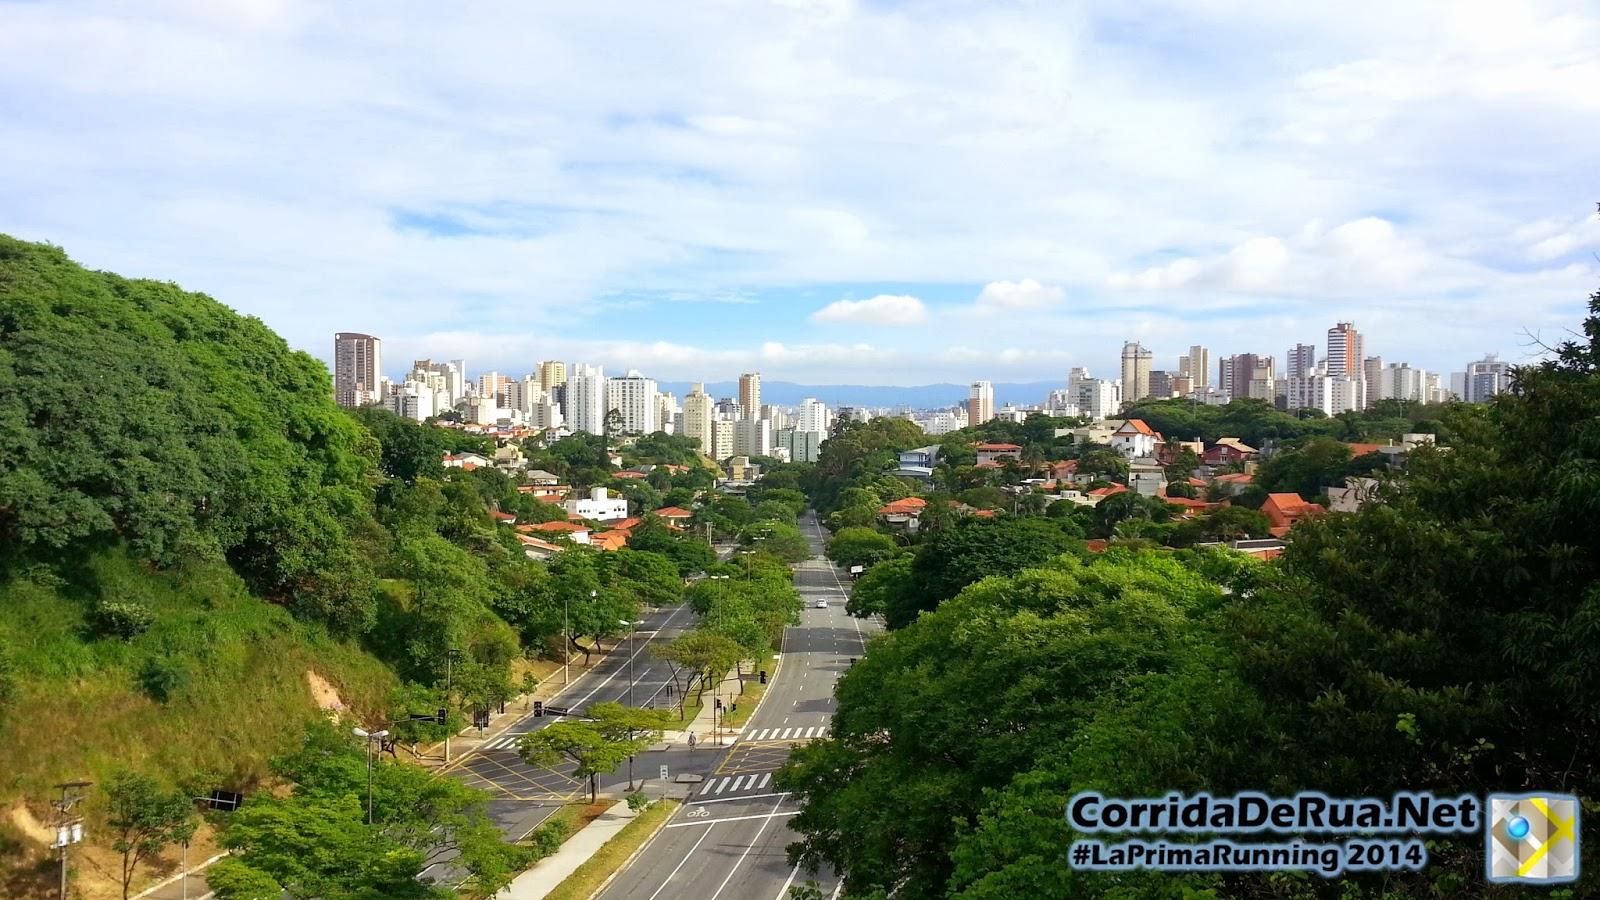 Vista da Avenida Paulo VI a partir da Avenida Doutor Arnaldo - Corrida De rua